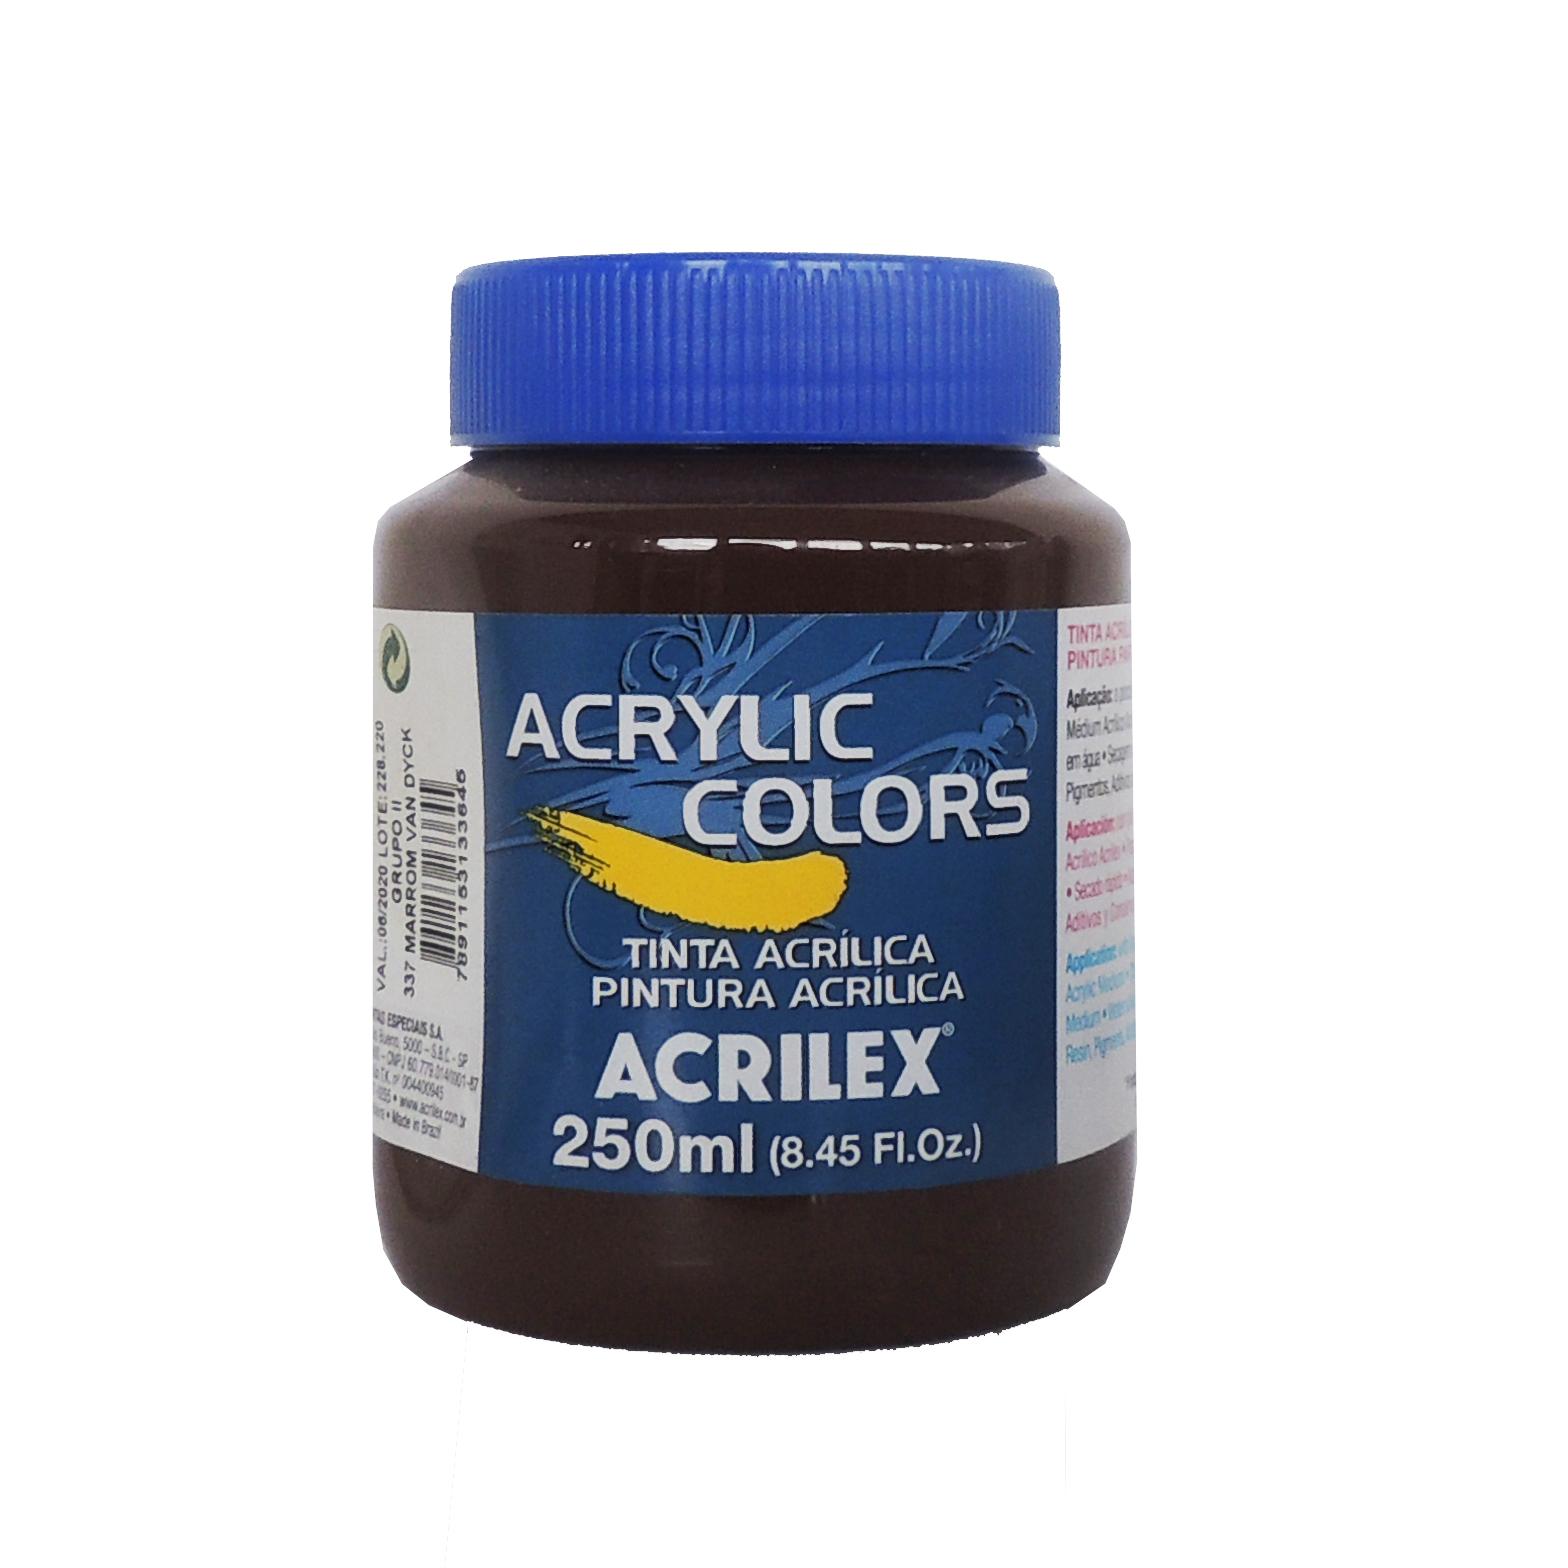 tinta-acrilica-acrilex-250ml-grupo-2-337-marrom-van-dyck